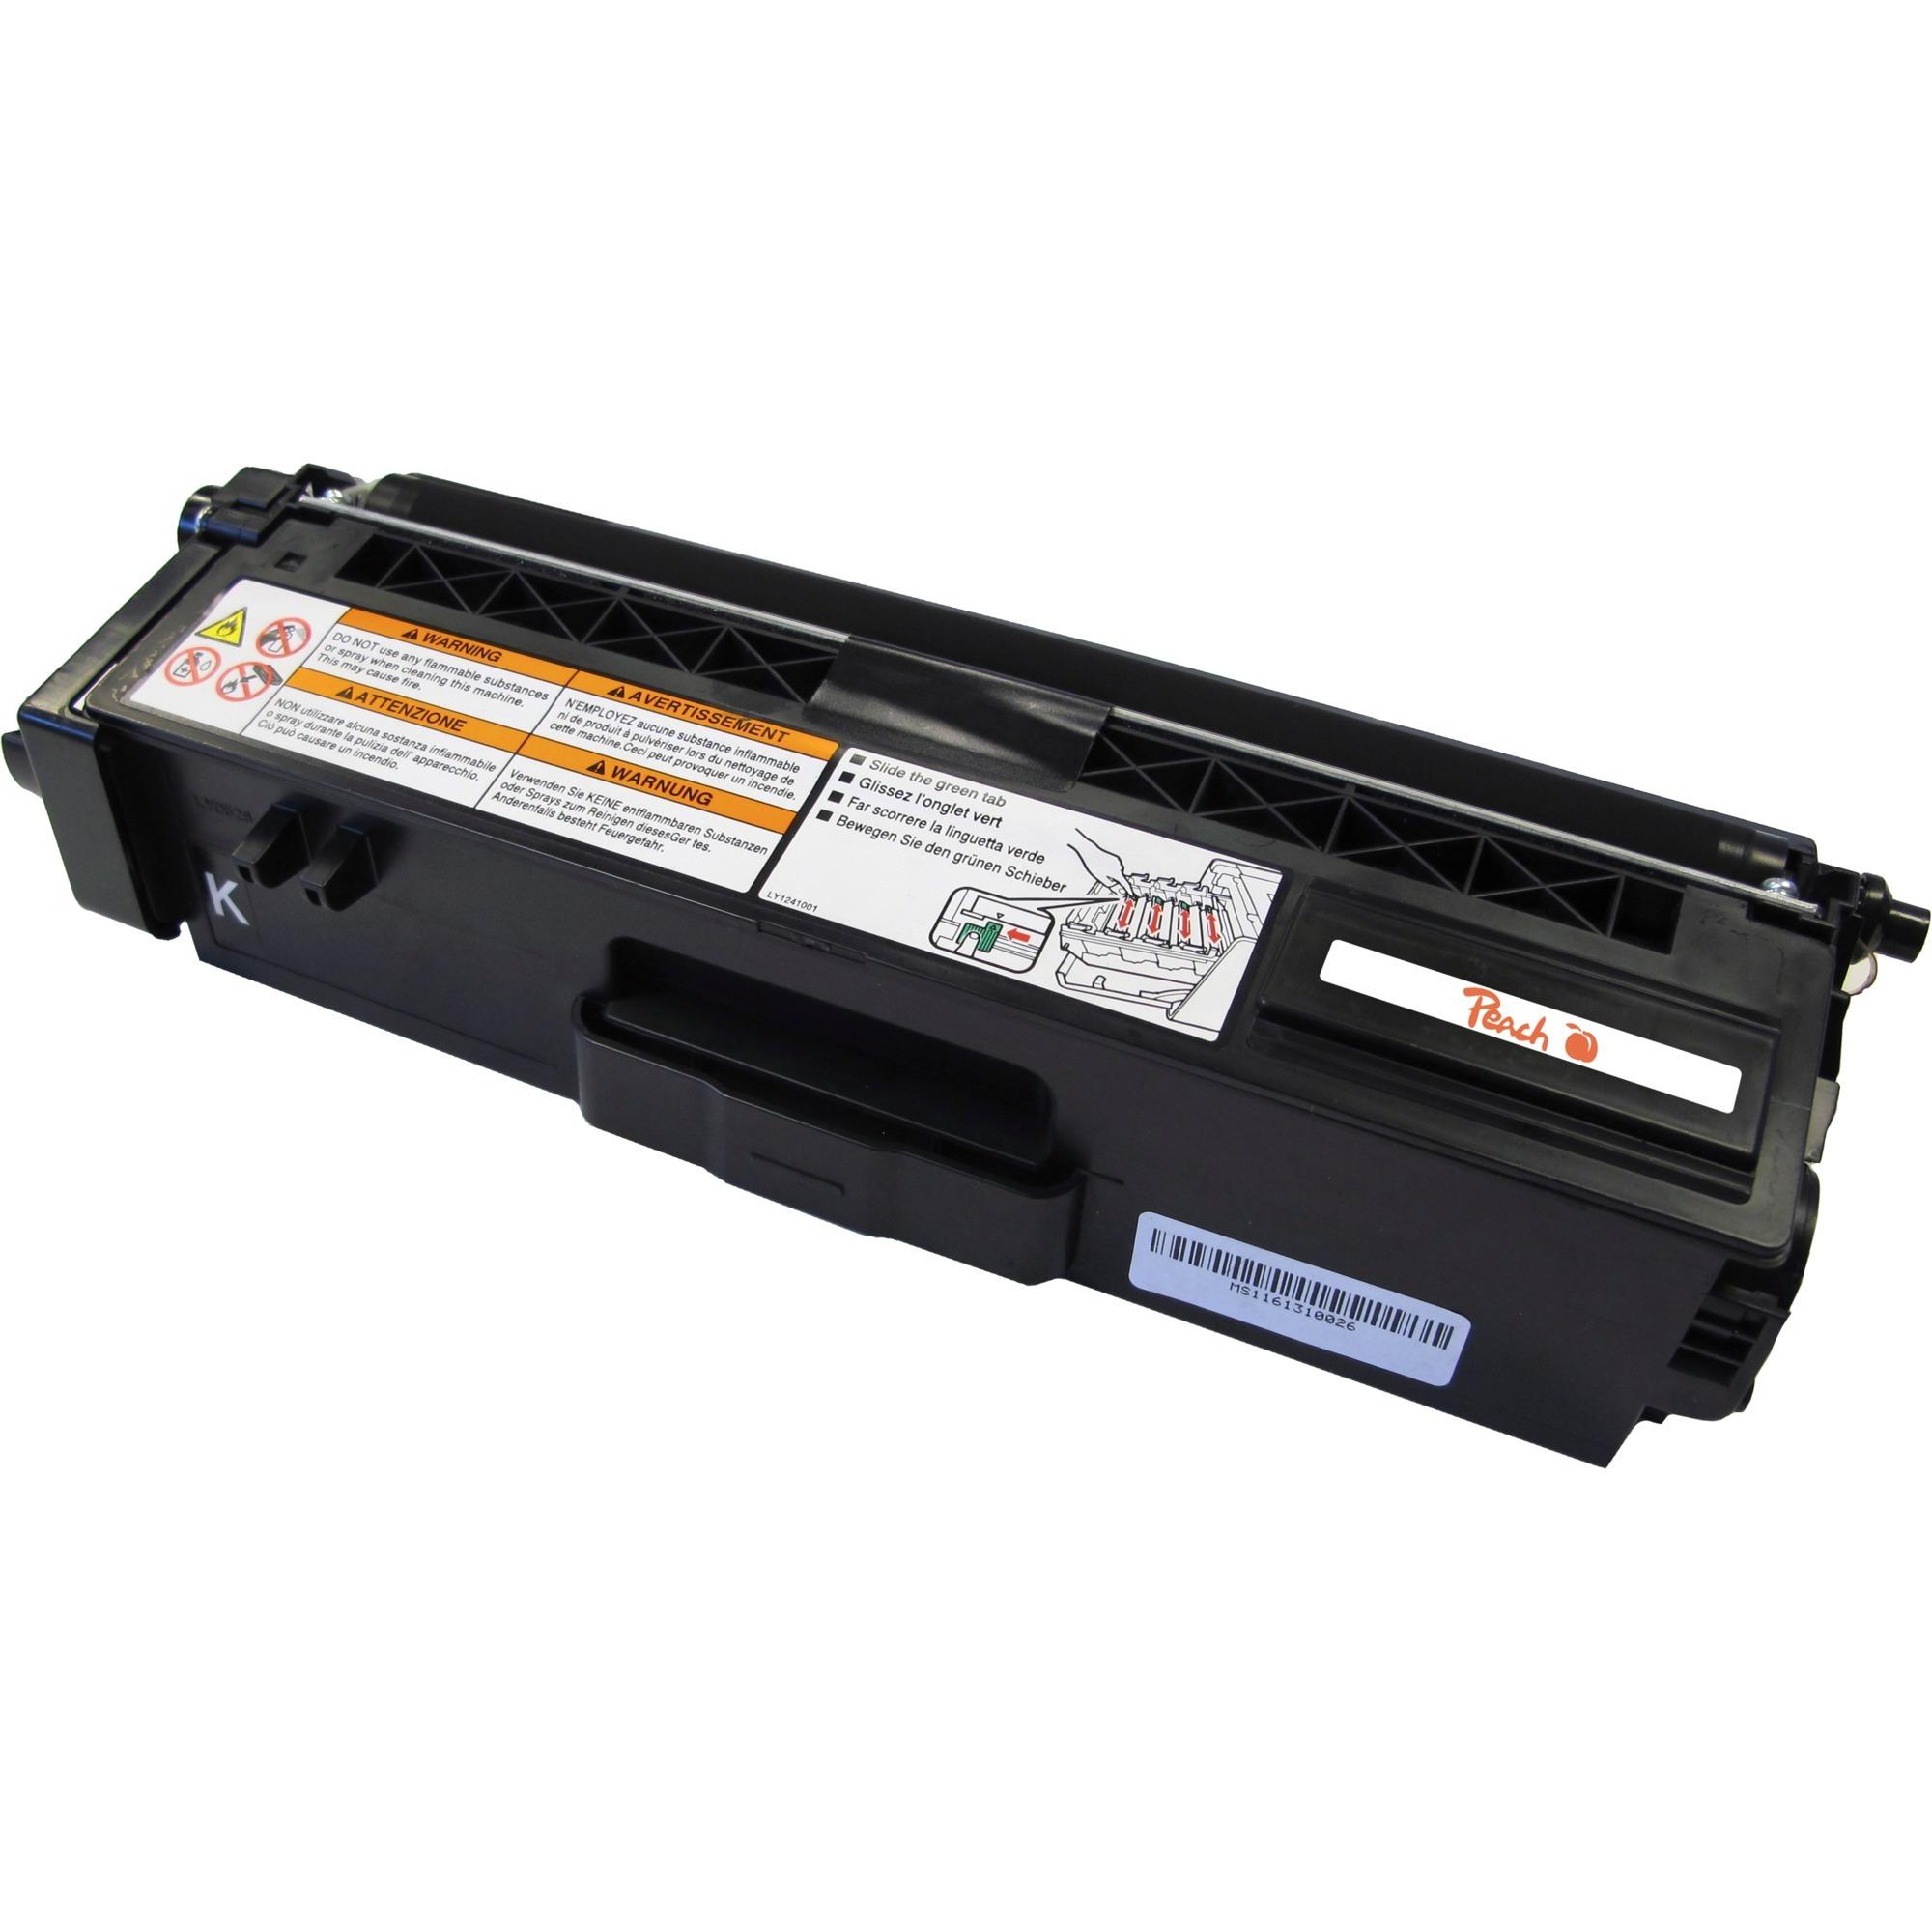 110812 Toner laser 4000pages Noir cartouche toner et laser